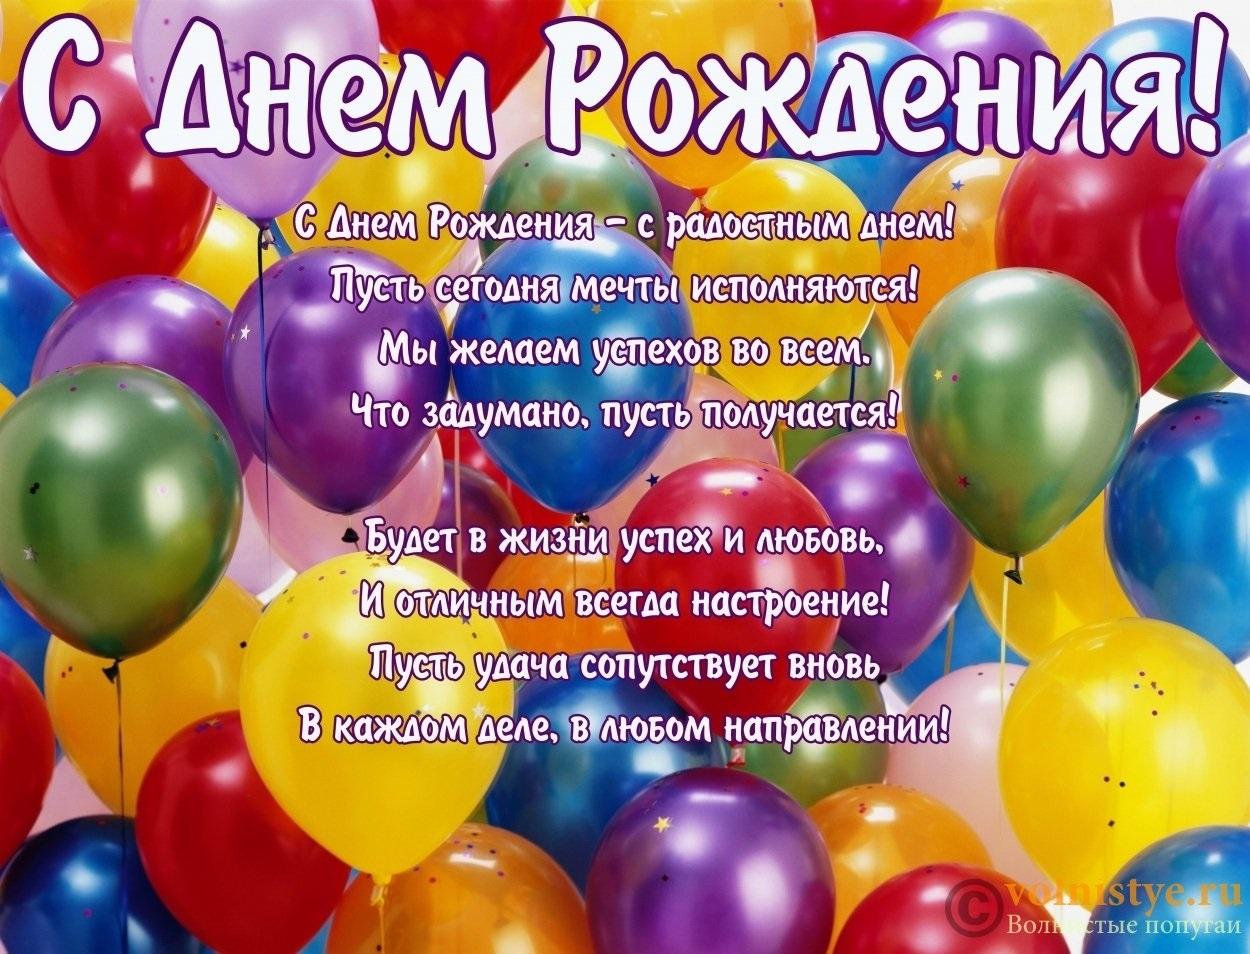 Алексей с днем рождения014